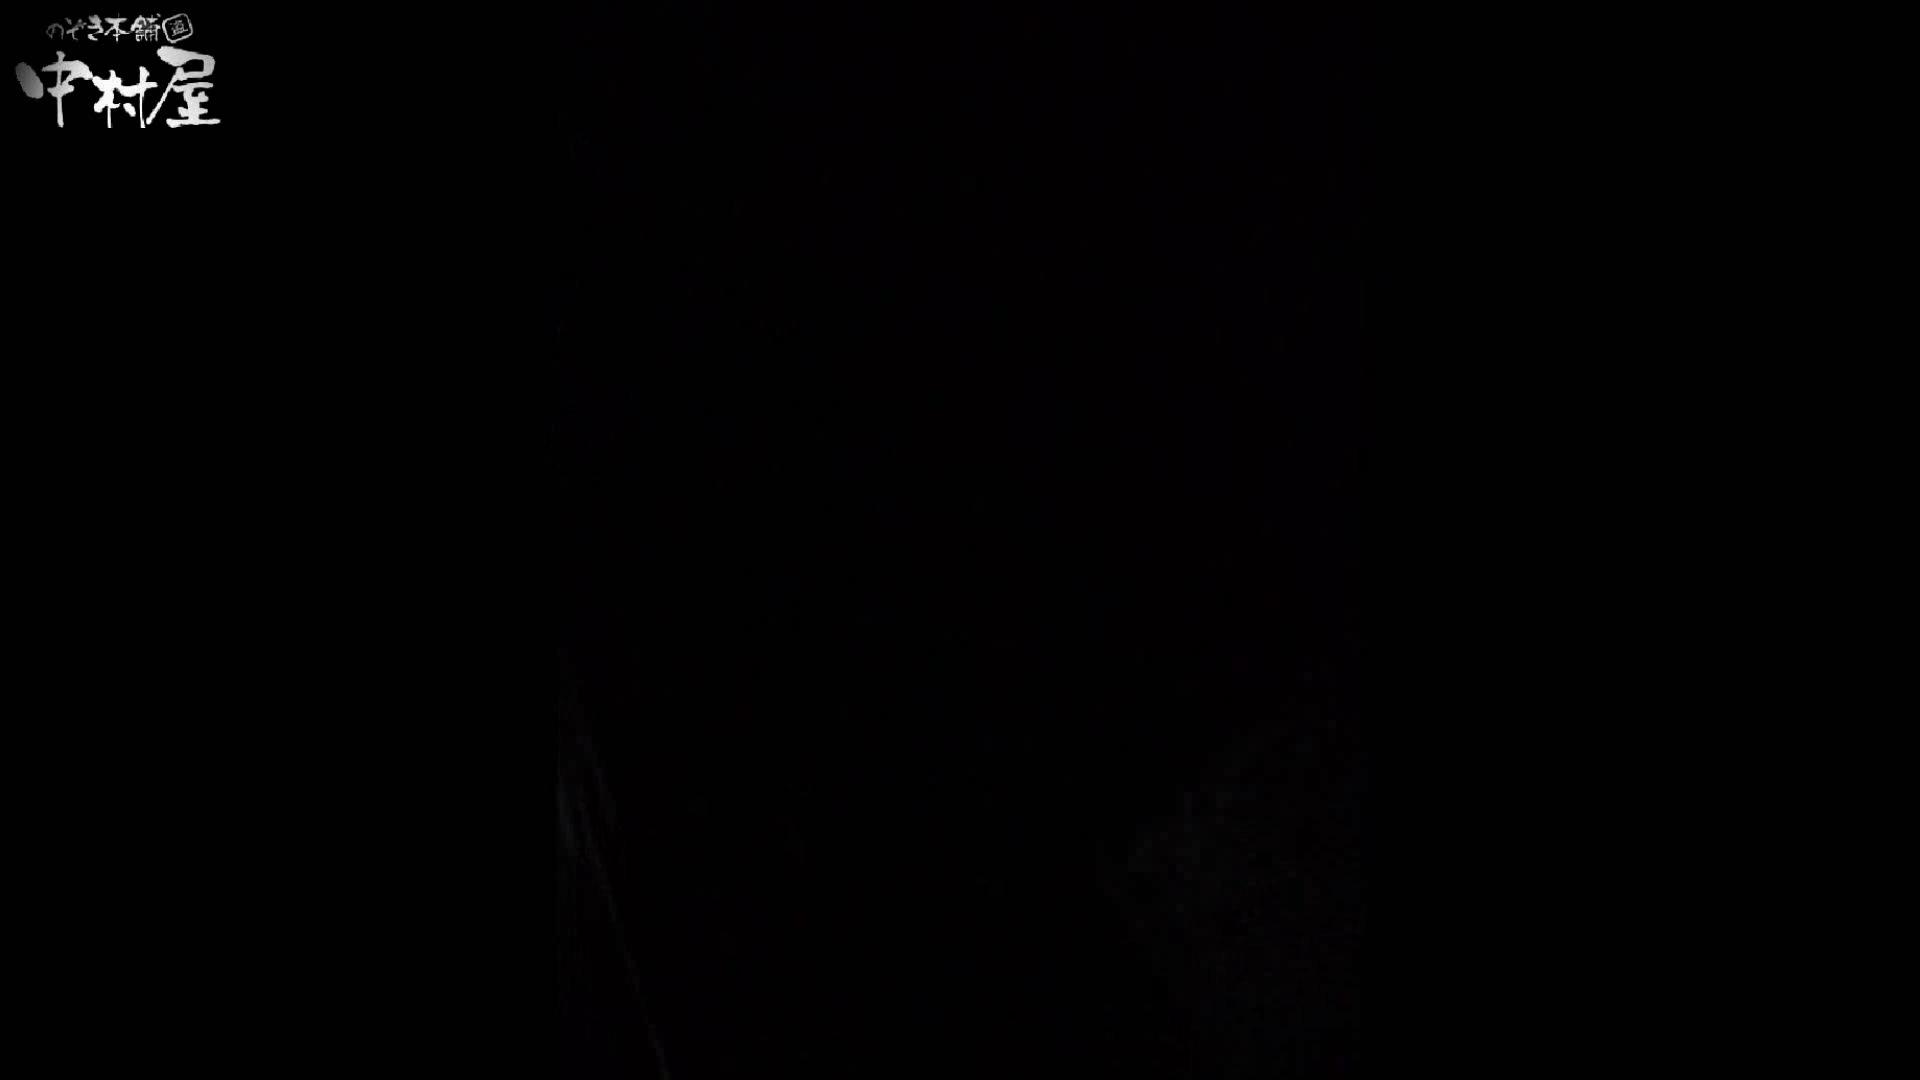 民家風呂専門盗撮師の超危険映像 vol.015 美女 | 美少女のエロ生活  107連発 7